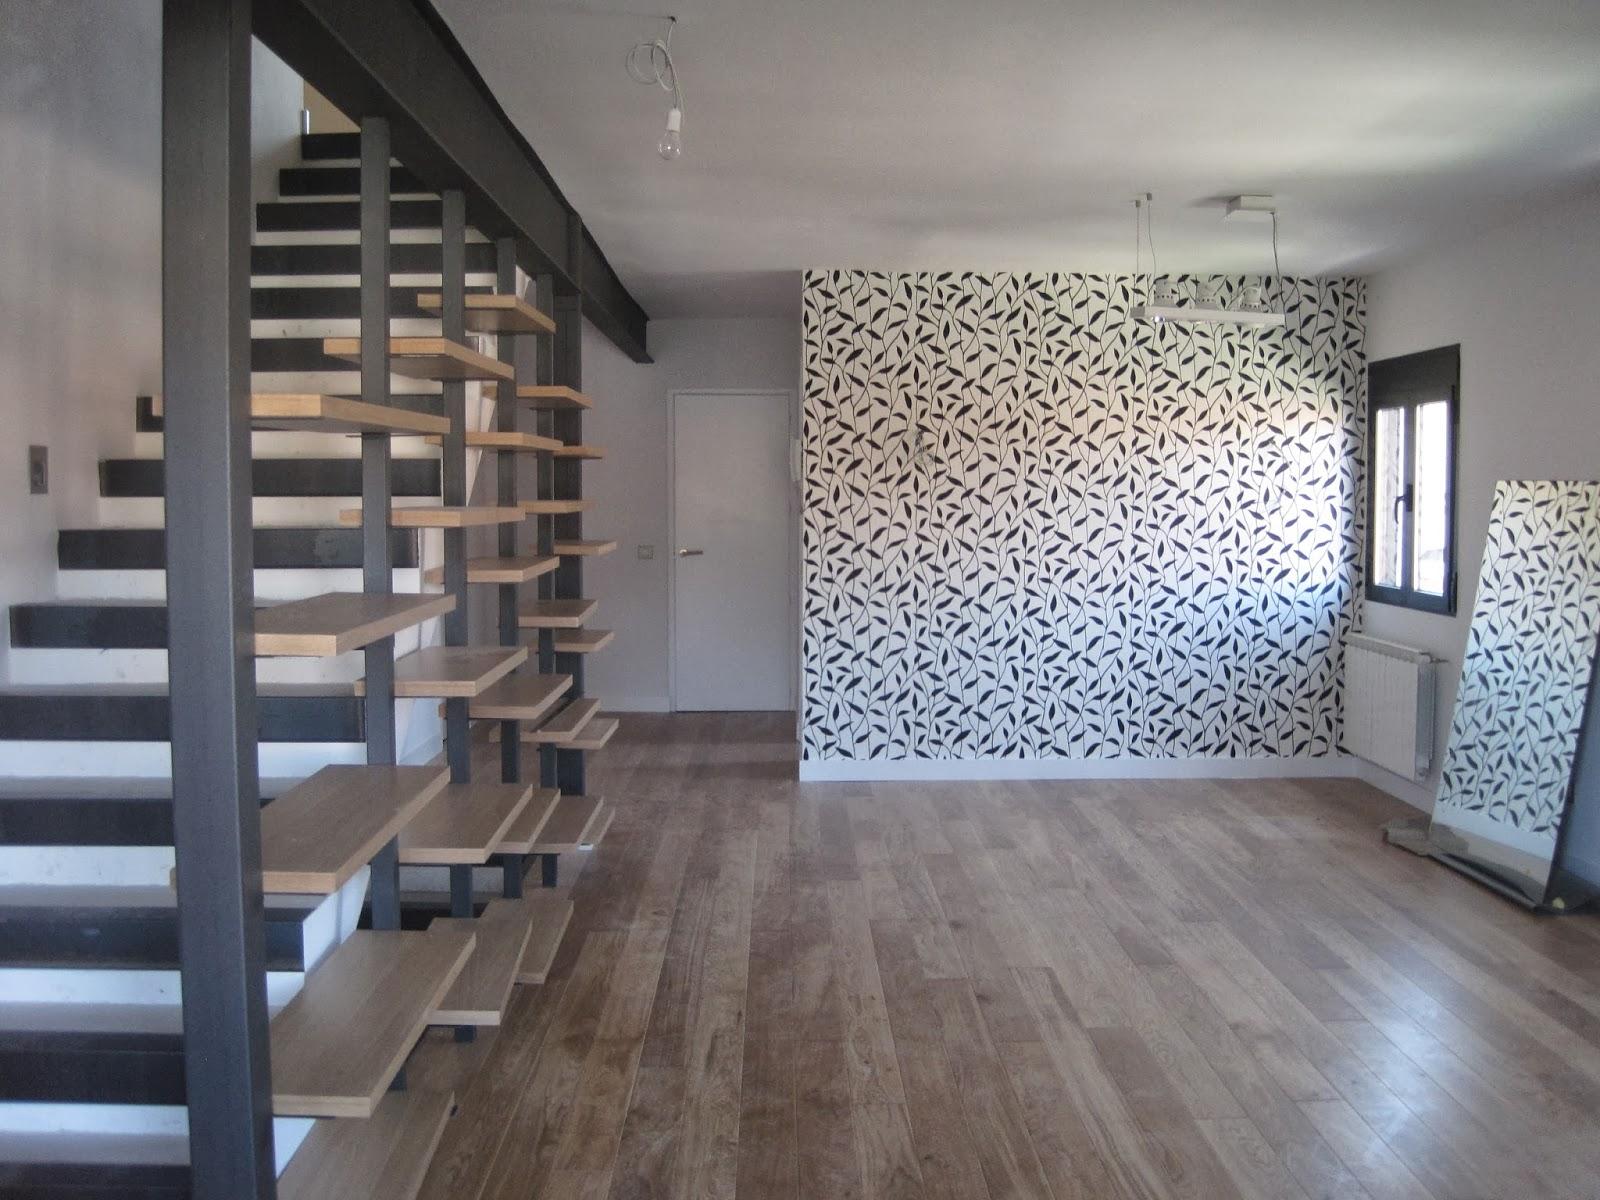 Marta decoycina escaleras subir con estilo - Suelos para casas modernas ...